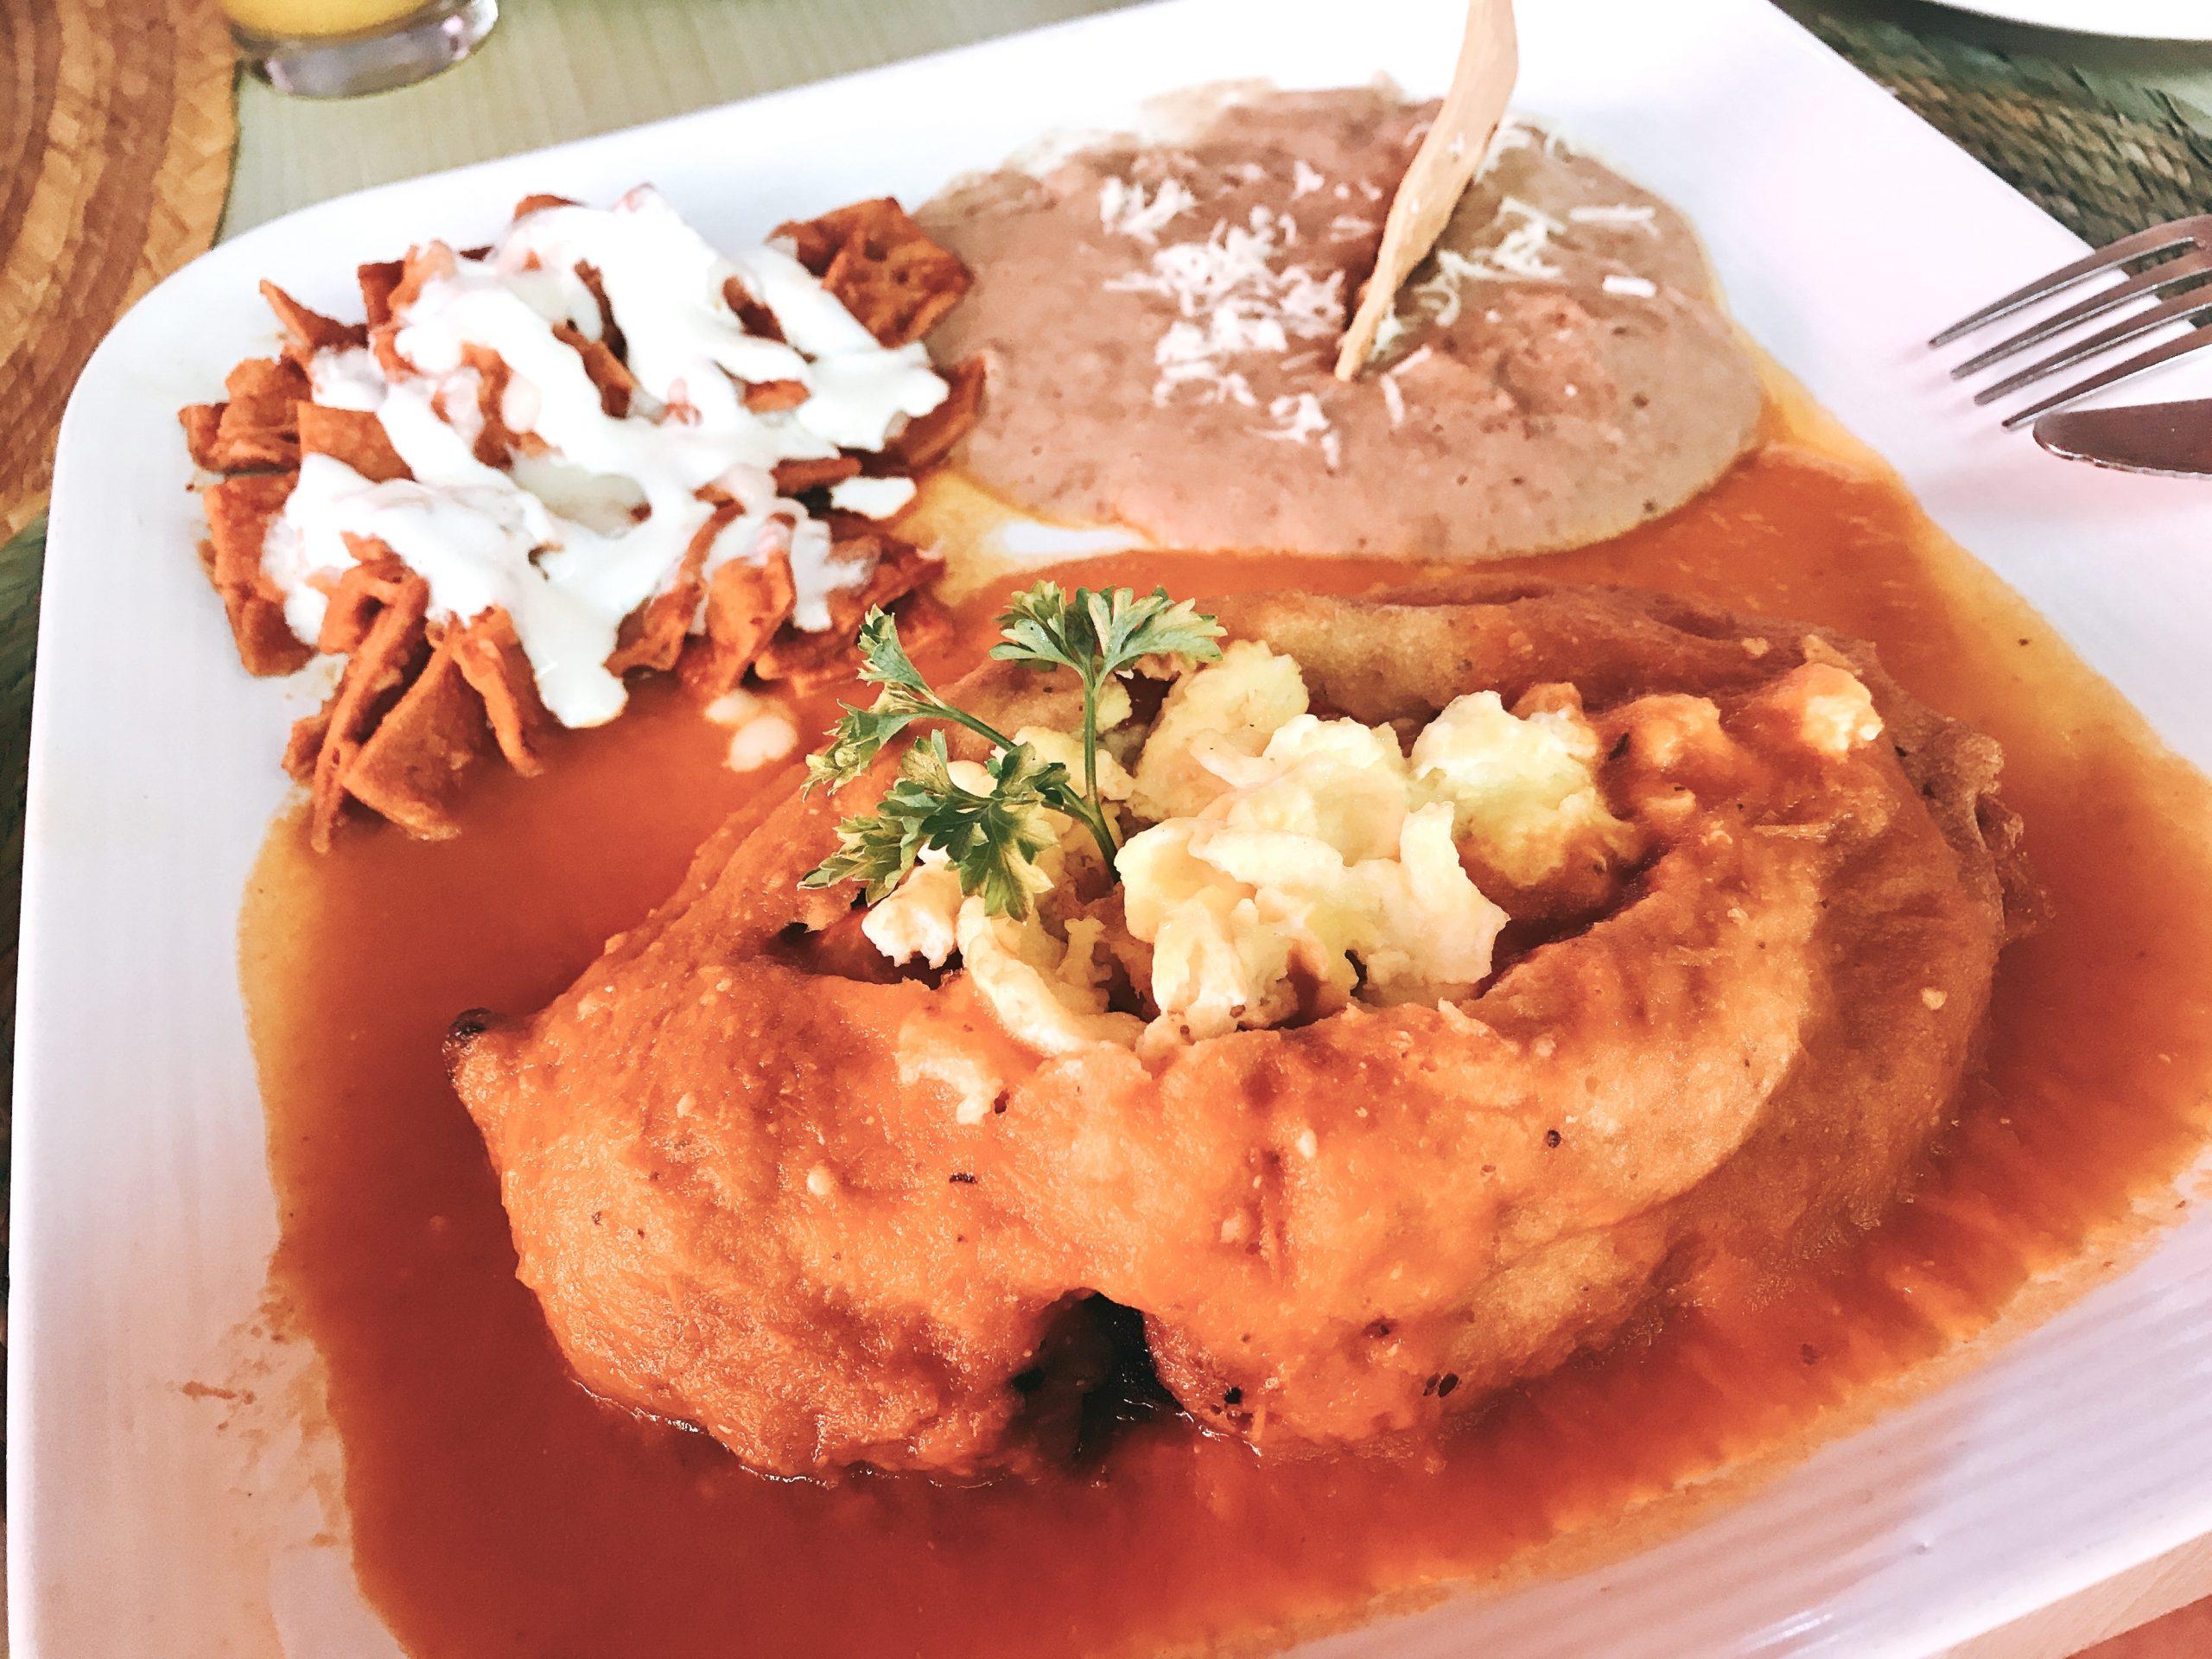 stuffed chili relleno in Loreto, Mexico